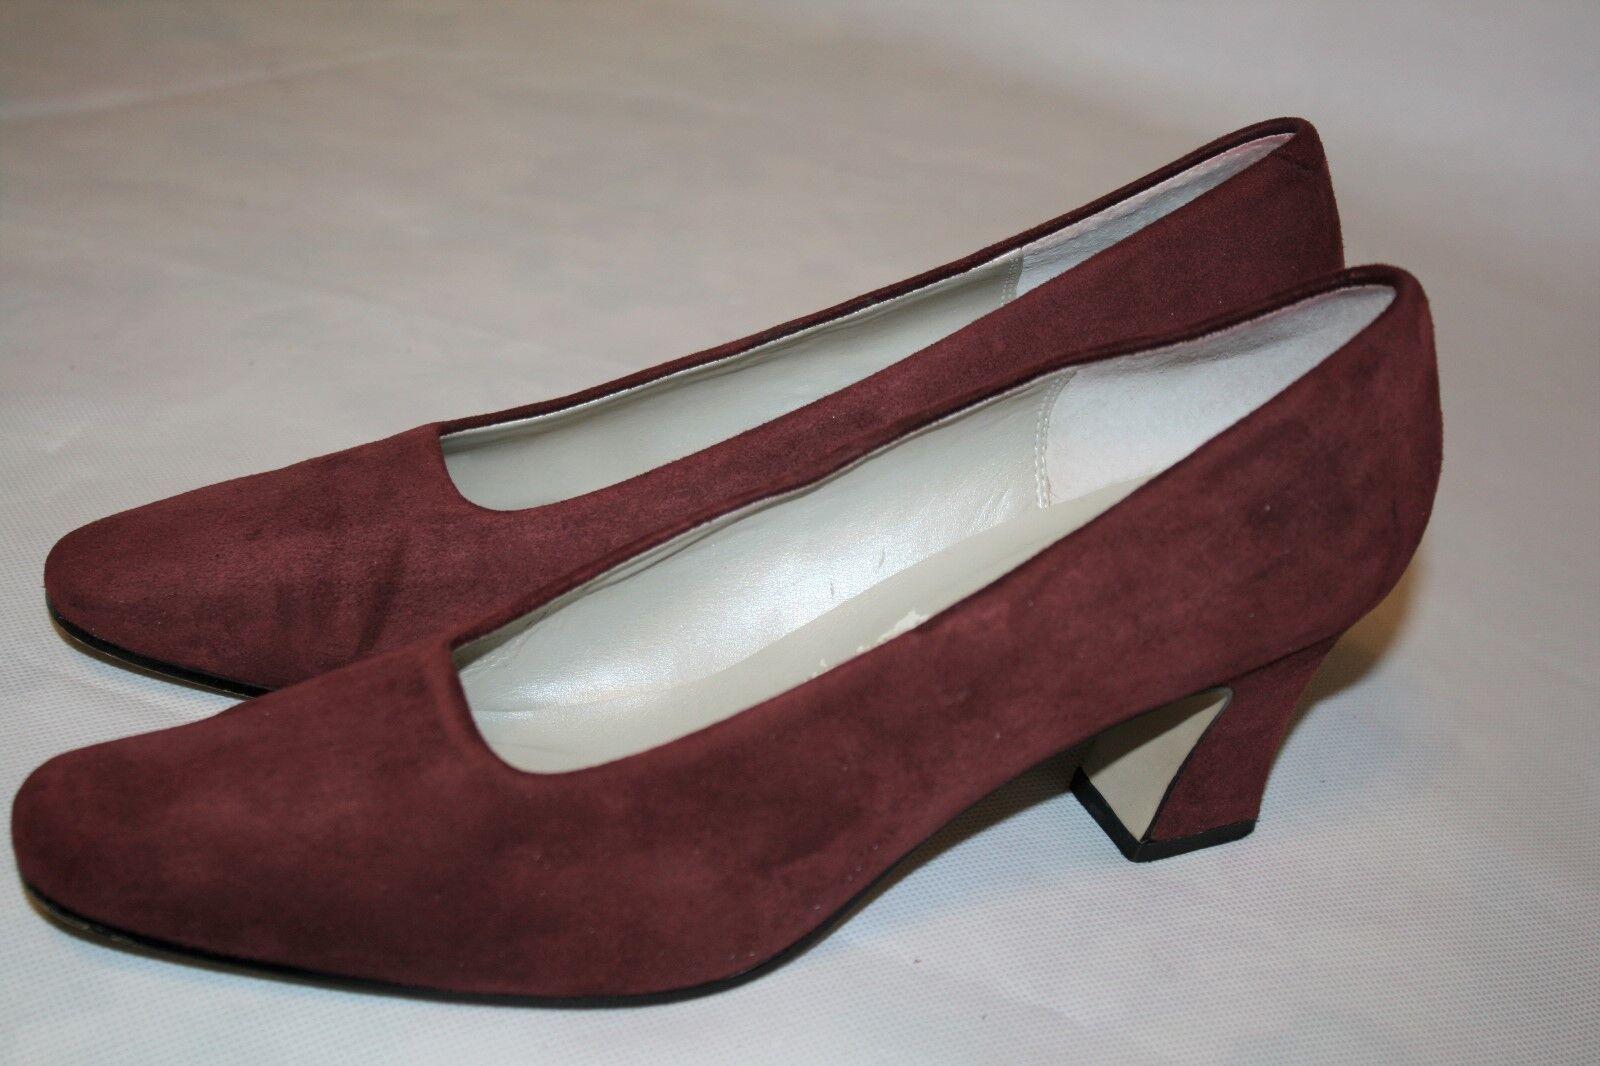 Liz Claiborne Shoes 8M Women's Reddish Brown Suede Leather Shoes Claiborne 2.5